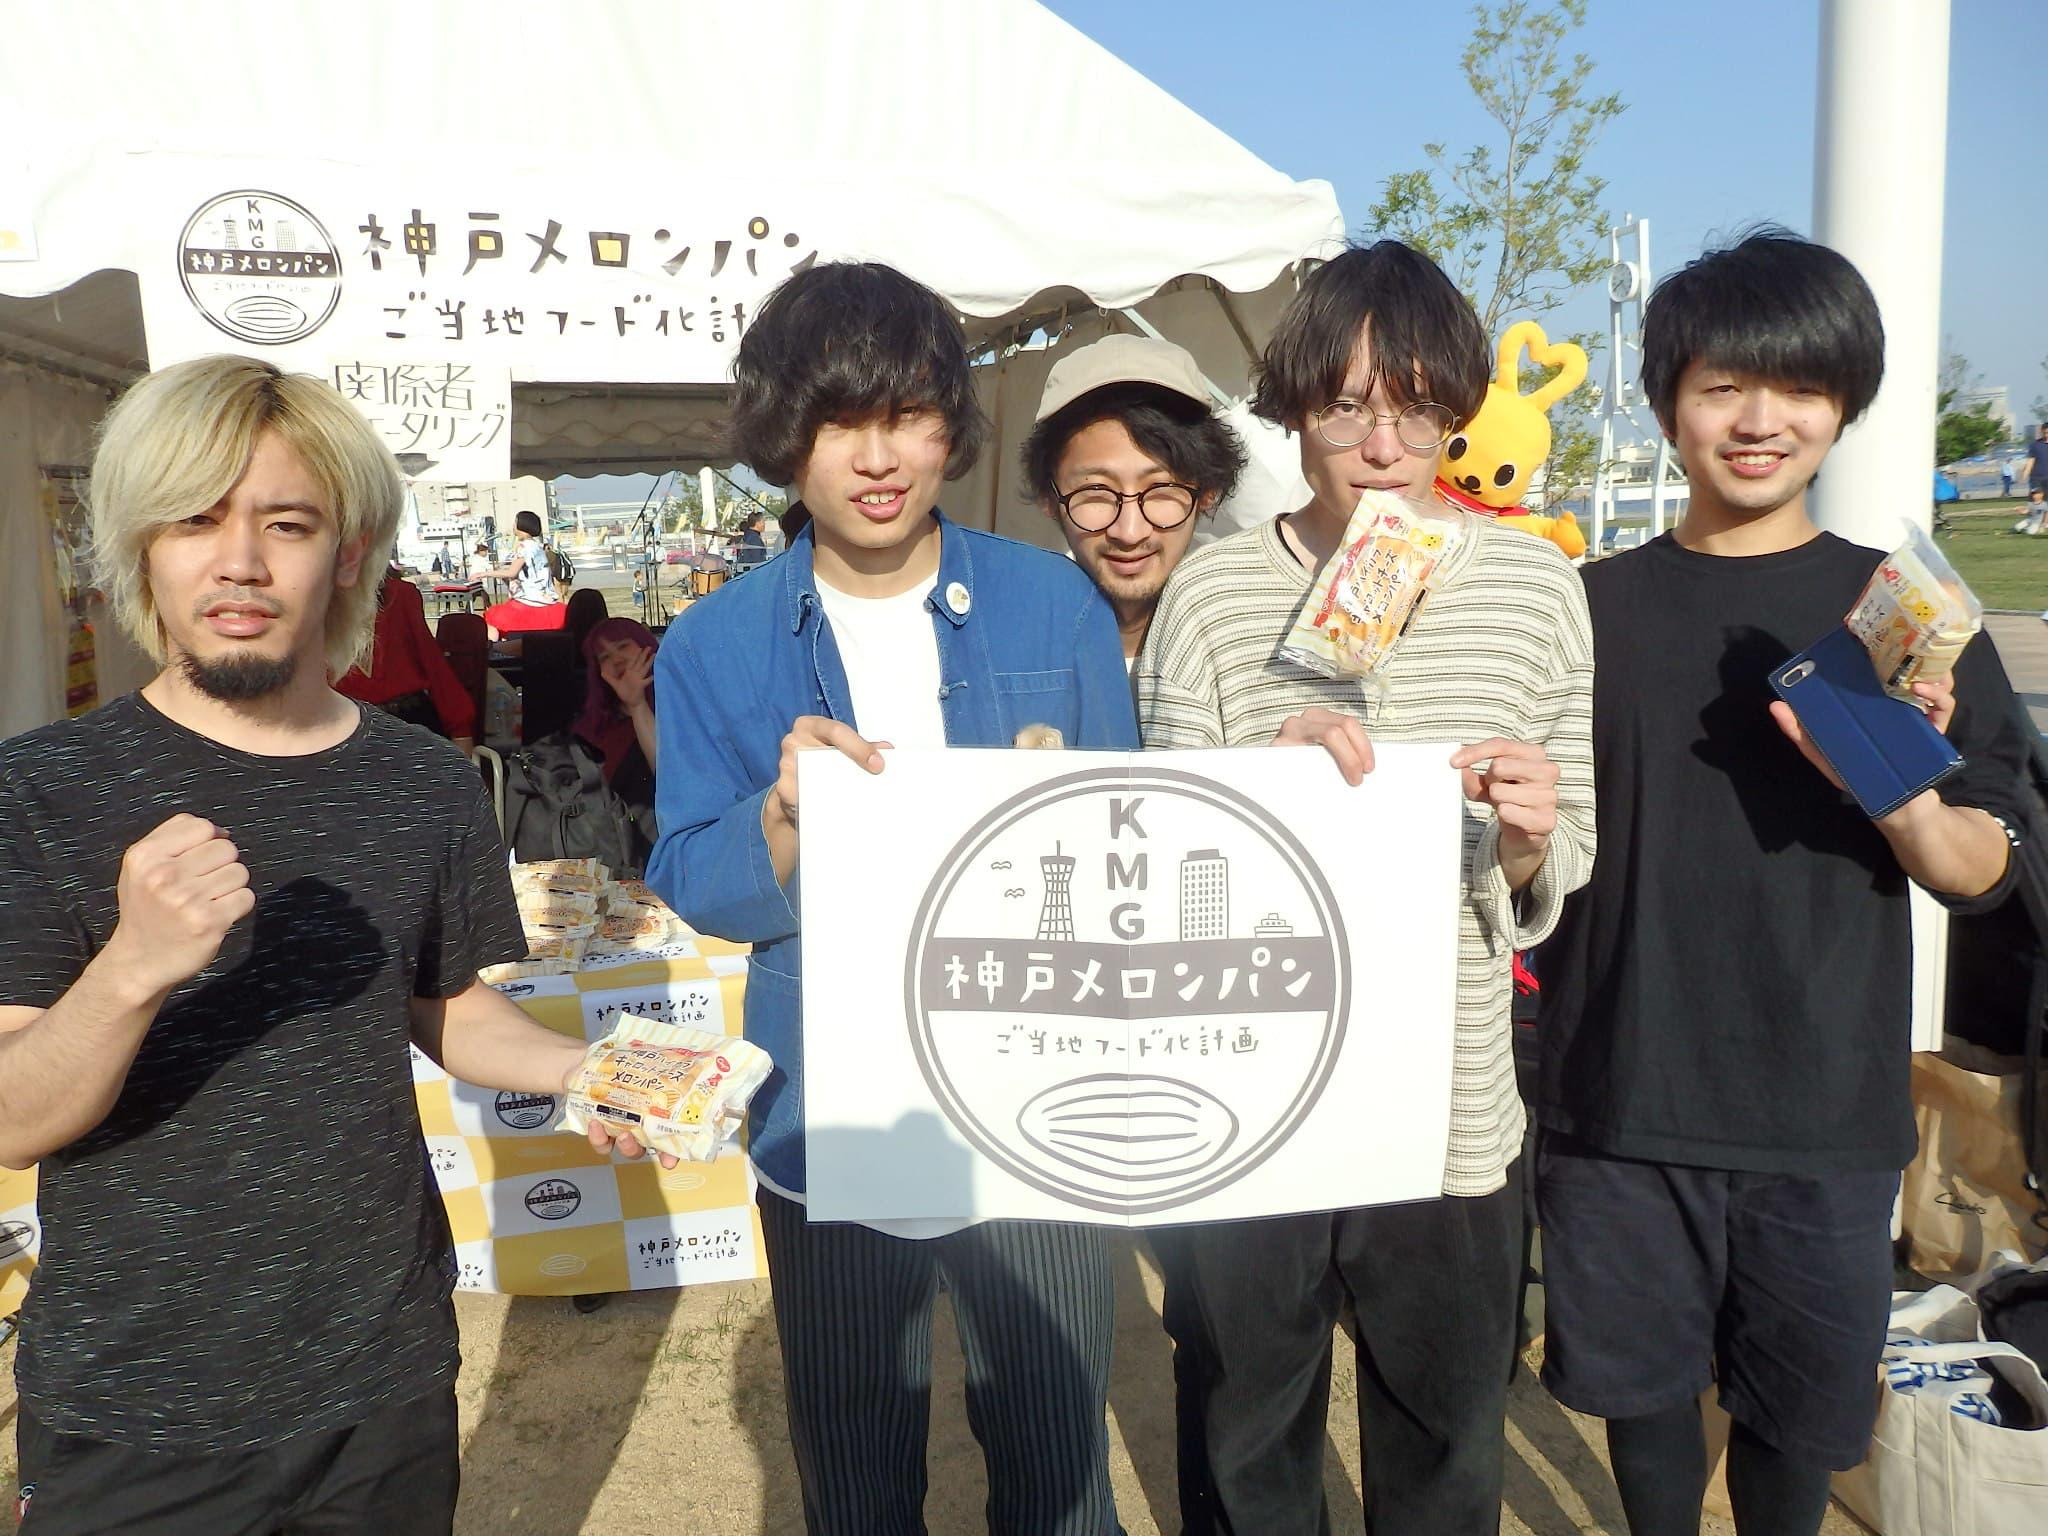 078kobe(KMG)小寺さん (30).jpg